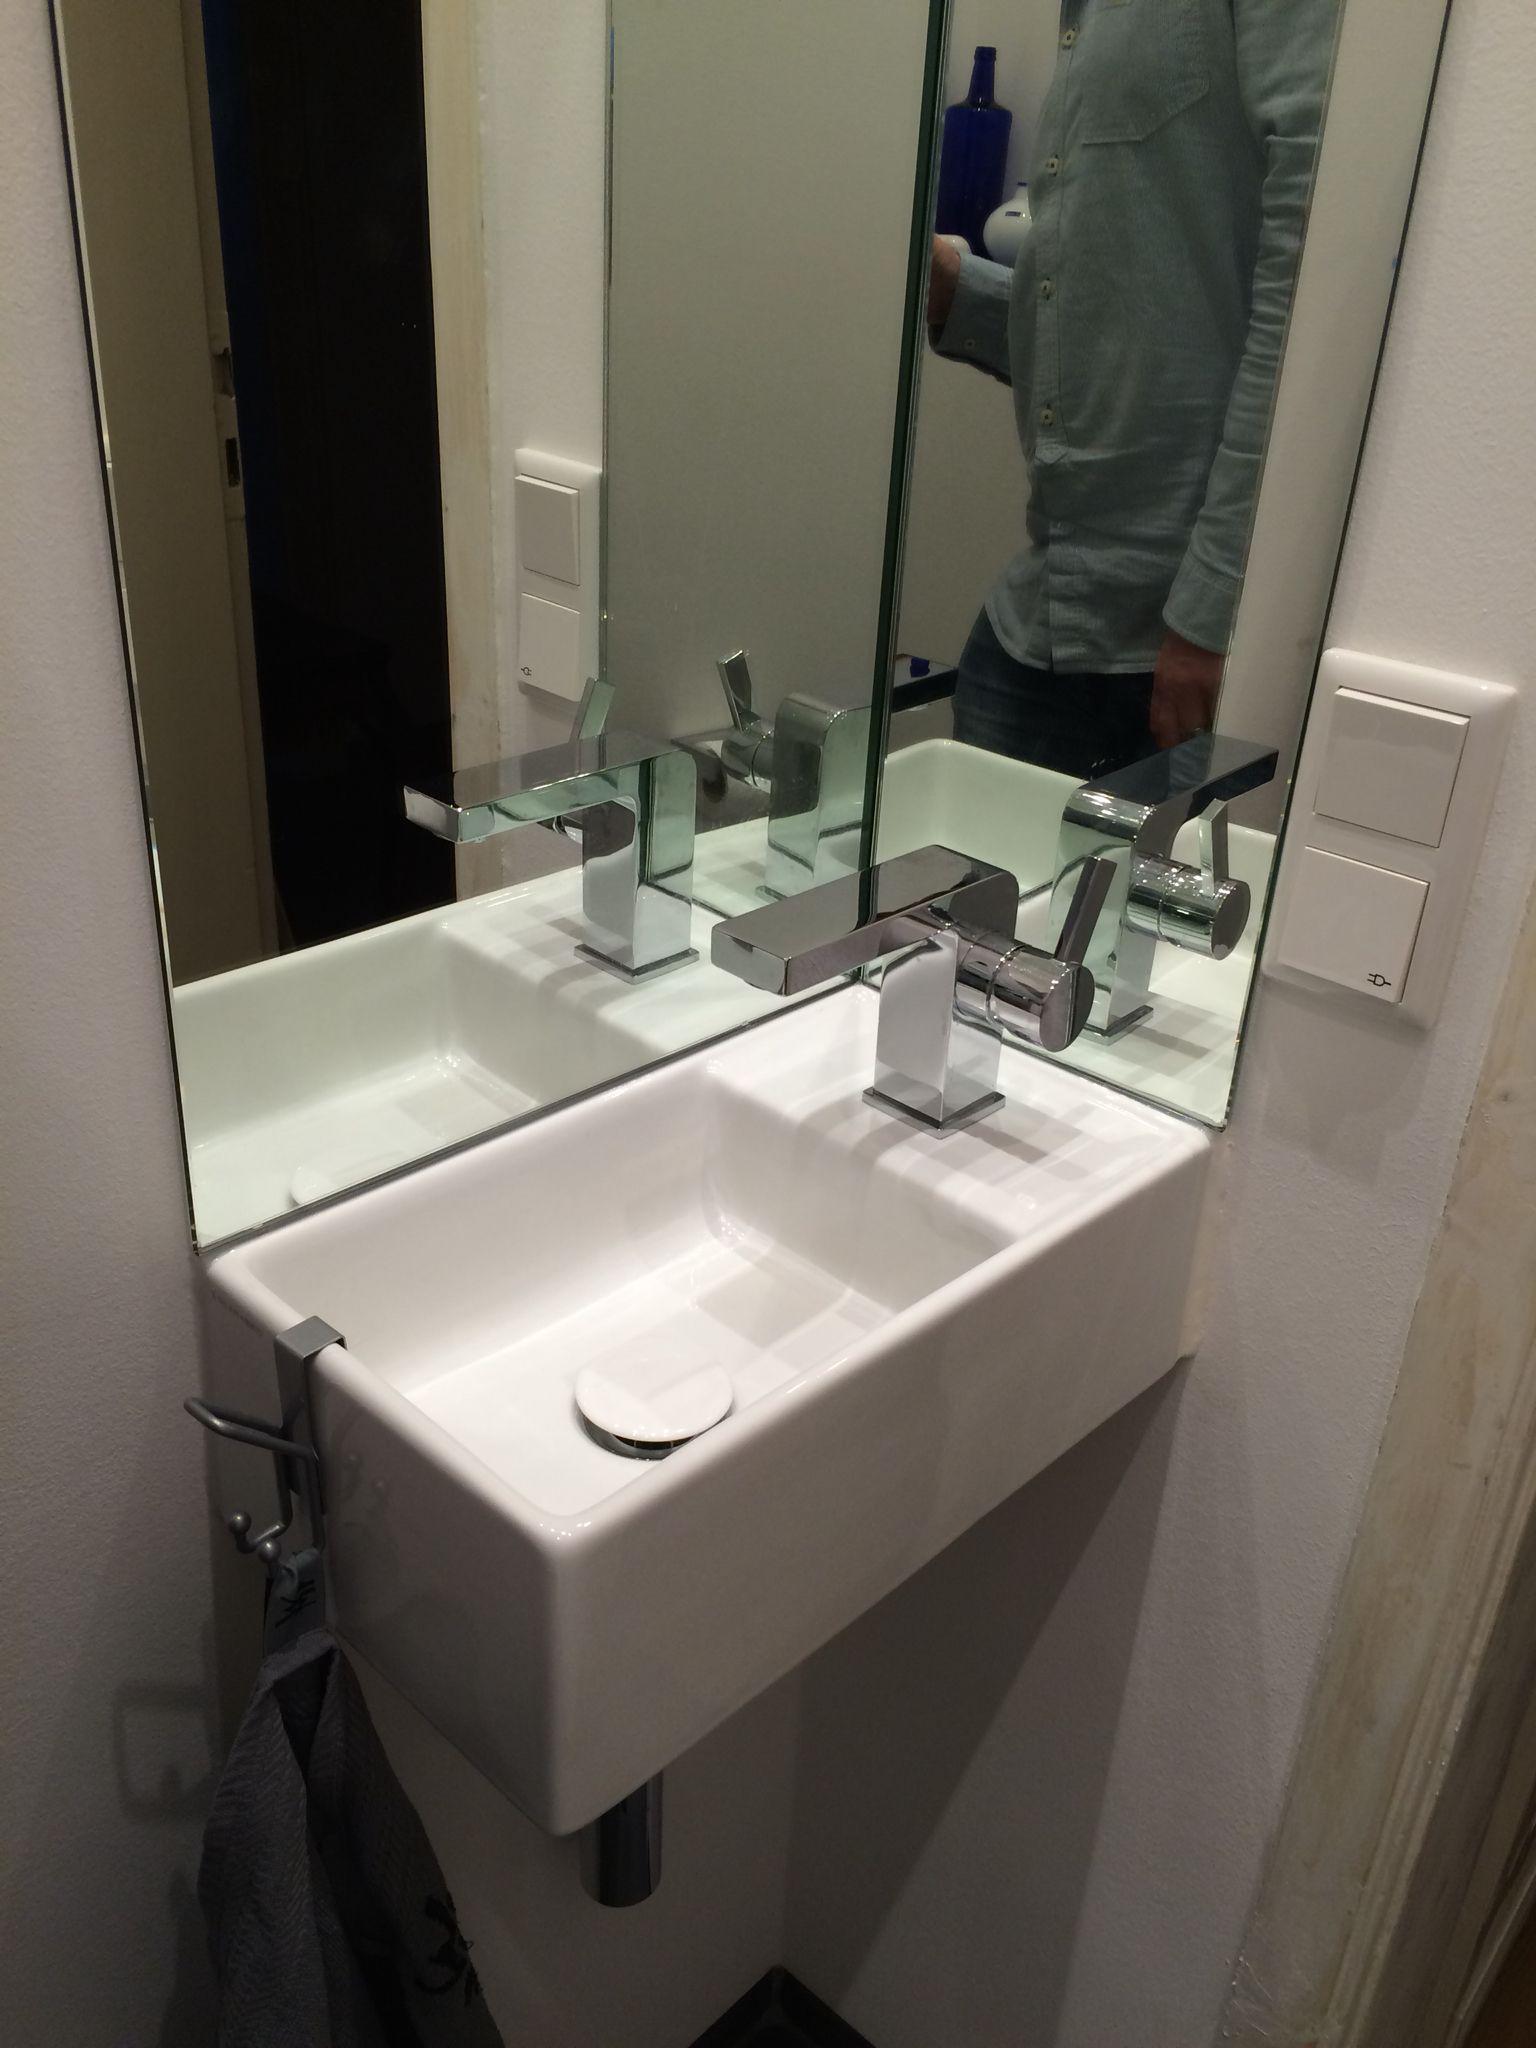 Spiegel Als Spritzschutz Am Handwaschbecken Badezimmer